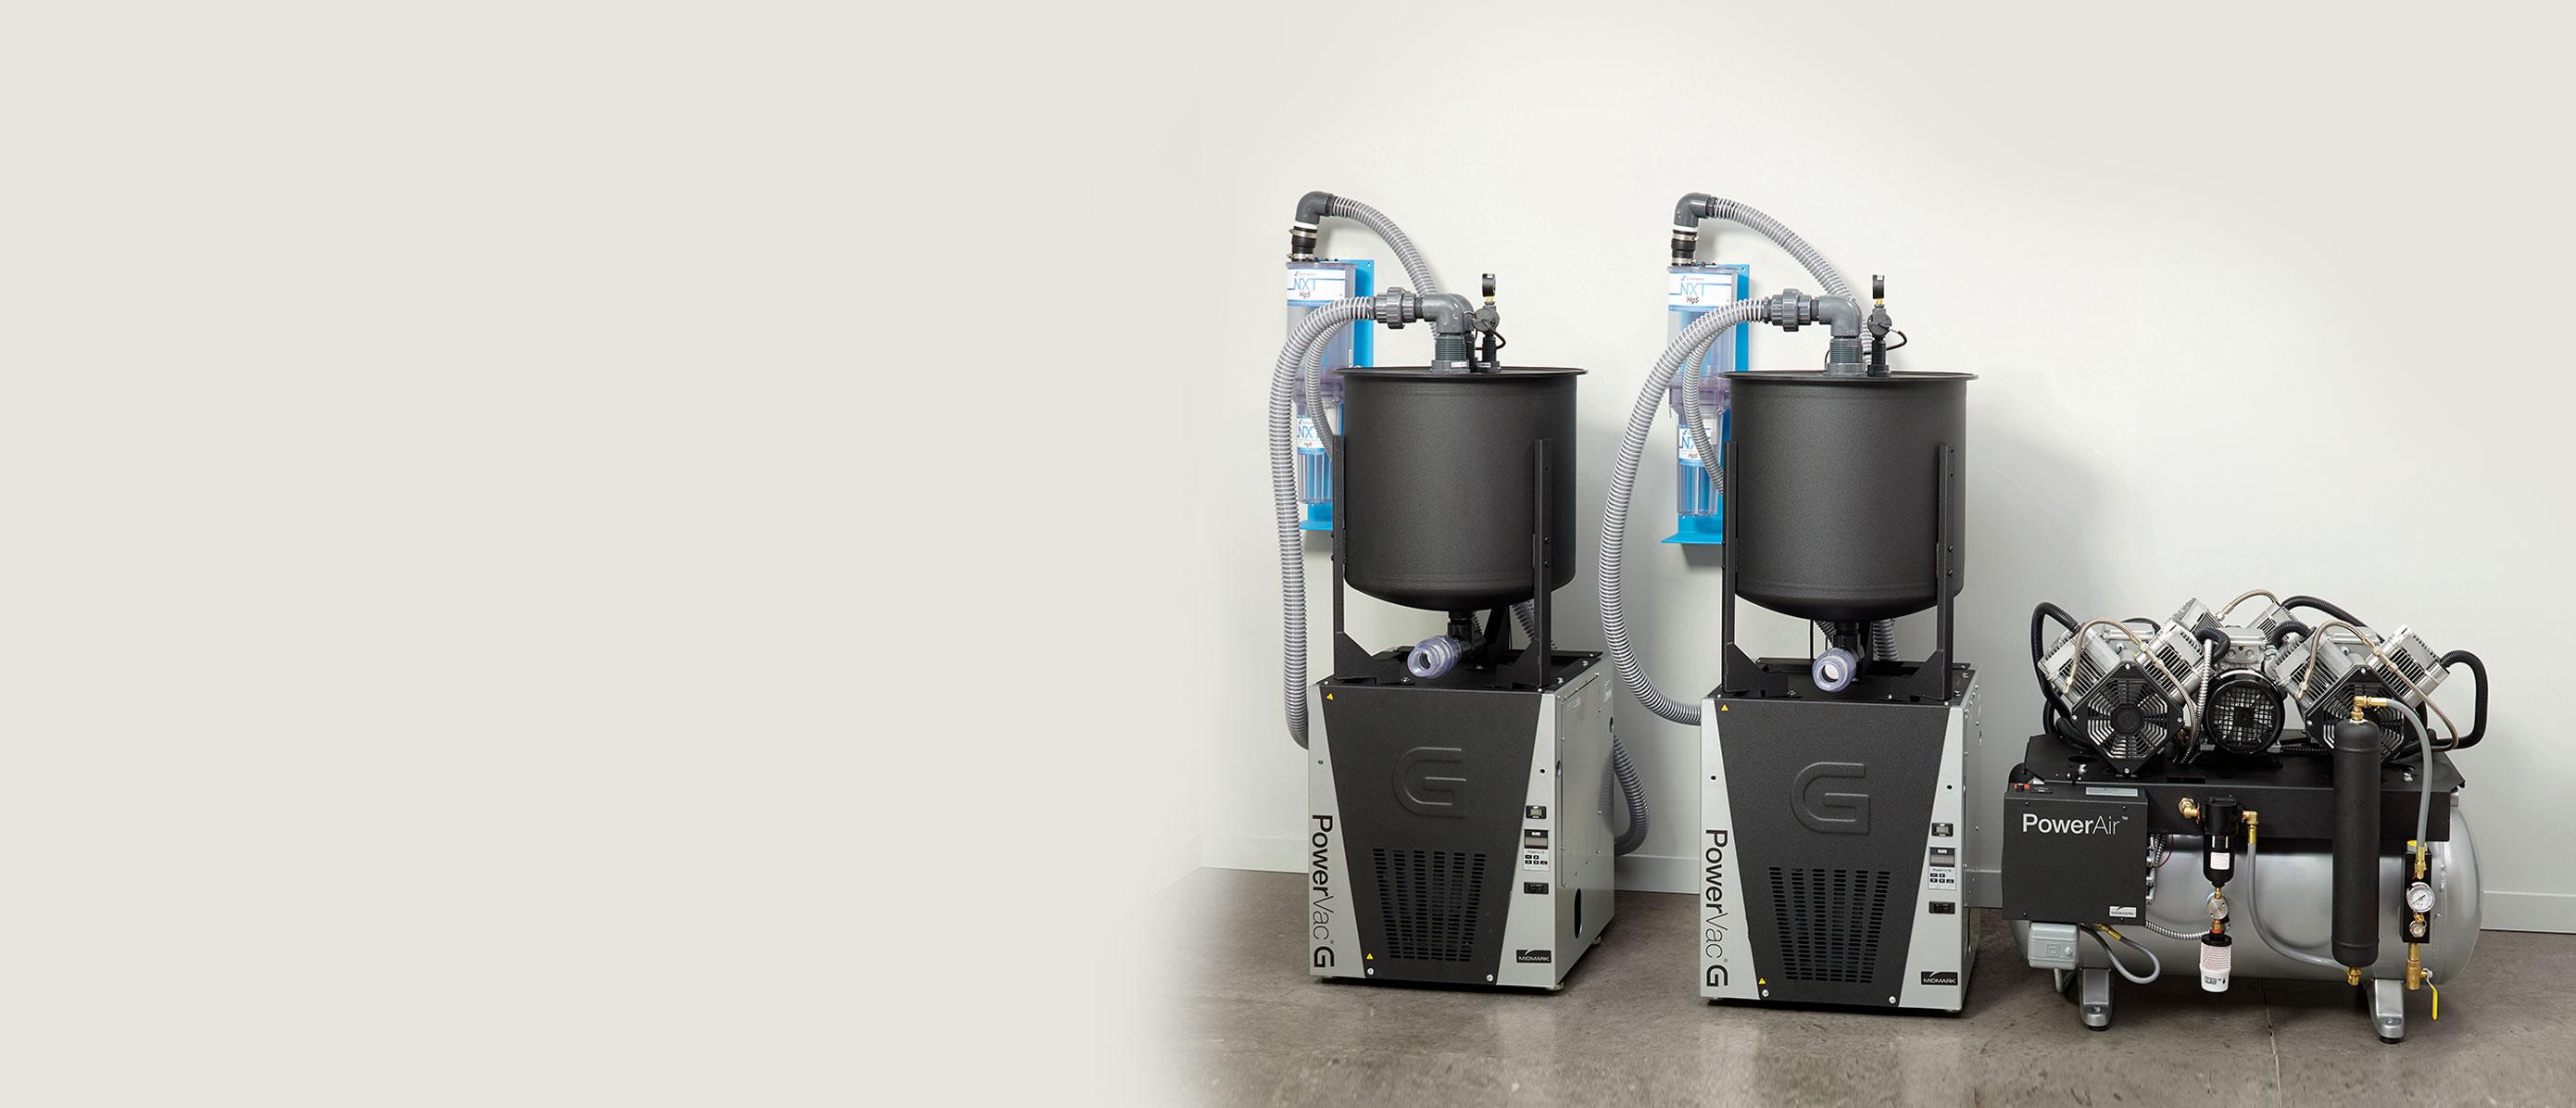 mechanicals-category-hero-desktop